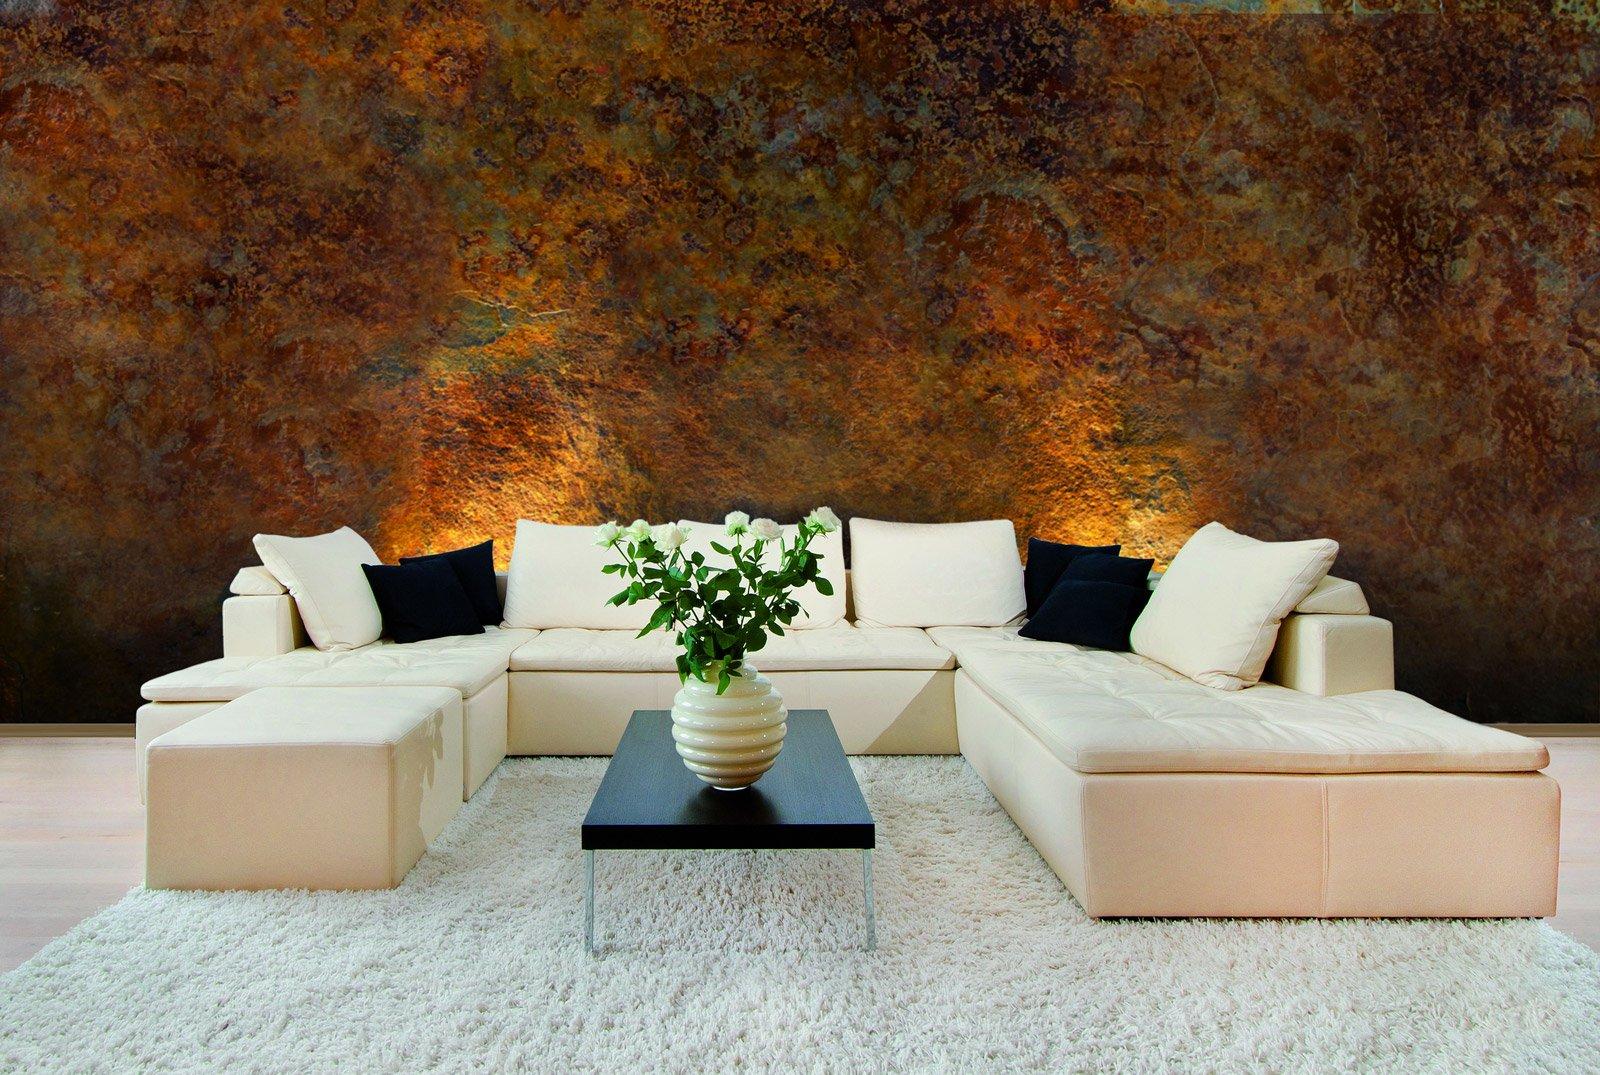 Pitture e finiture speciali per cambiare look alla stanza for Pitture murali interni